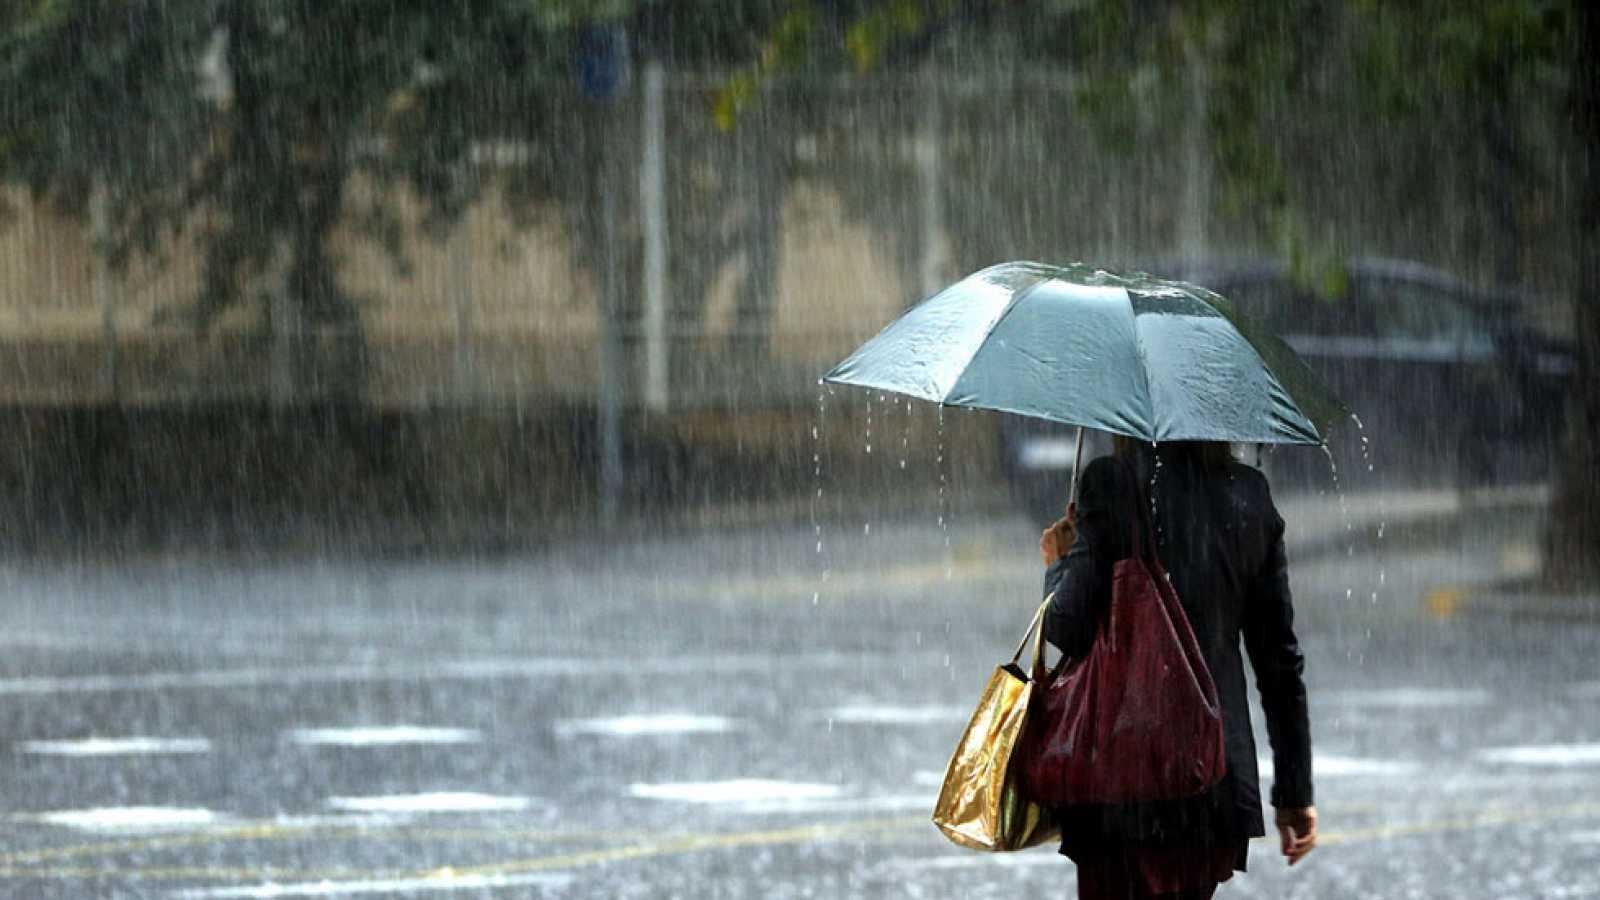 Onamet pronostica vaguada y onda tropical entre lunes y miércoles. Fuente externa.